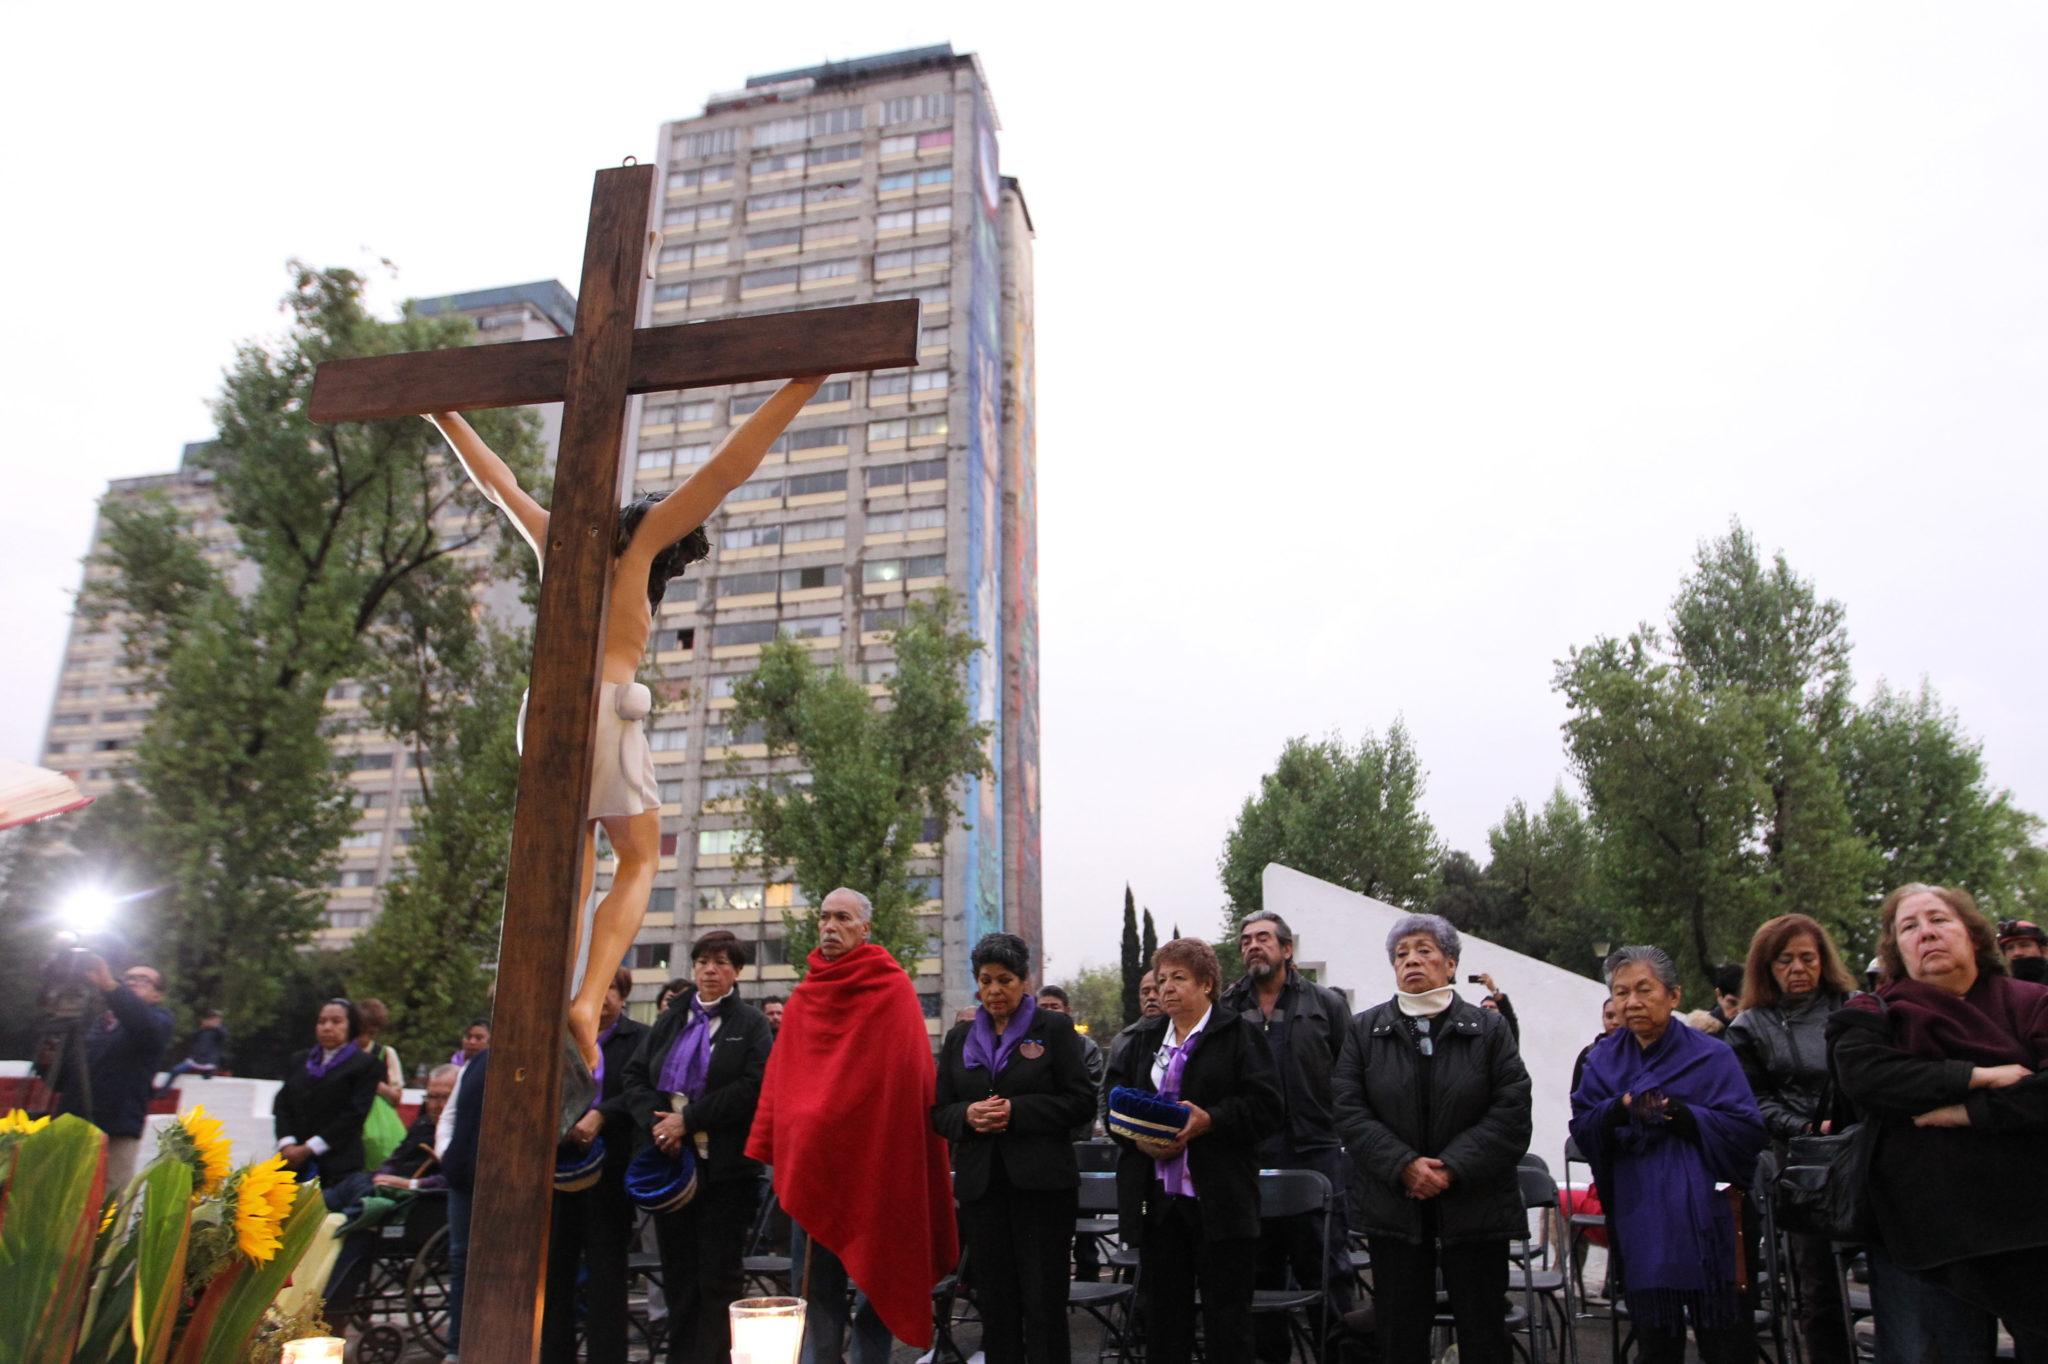 mEKSYK: Upamiętnienie ofiar podczas rocznicy trzęsienia ziemi z 1985 roku, które pochłonęło tysiące istnień. EPA/Mario Guzman